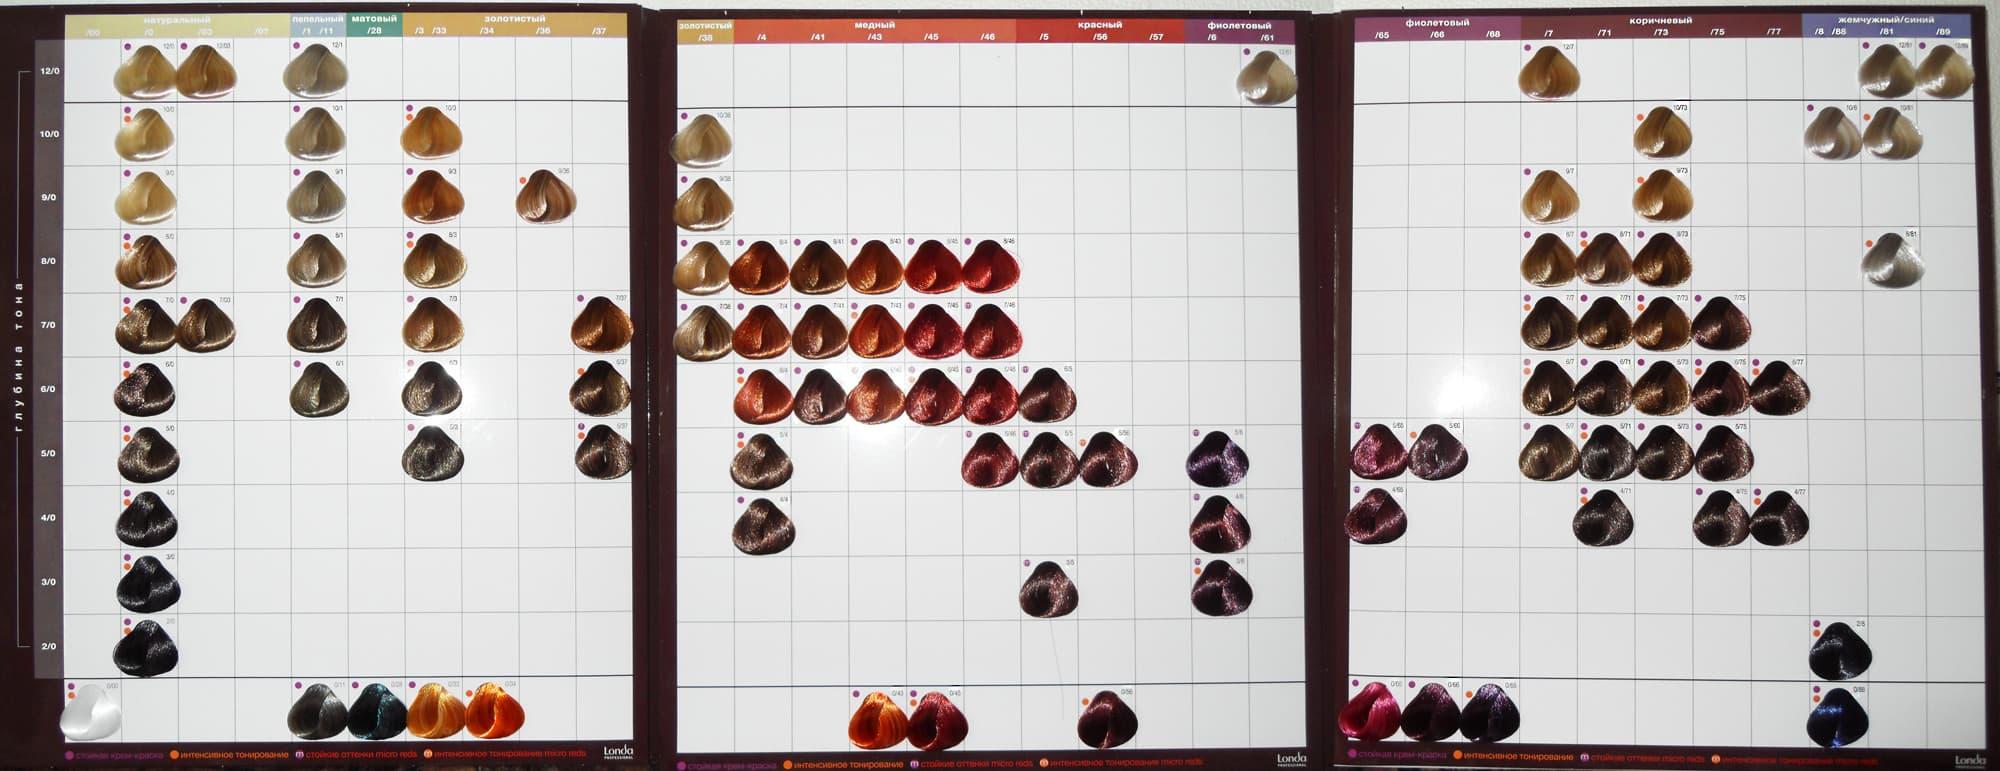 Профессиональные краски для волос londa (лонда) купить в. Крем-краска для волос londacolor 0/11 (интенсивный пепельный), 60 мл. Ваше имя.